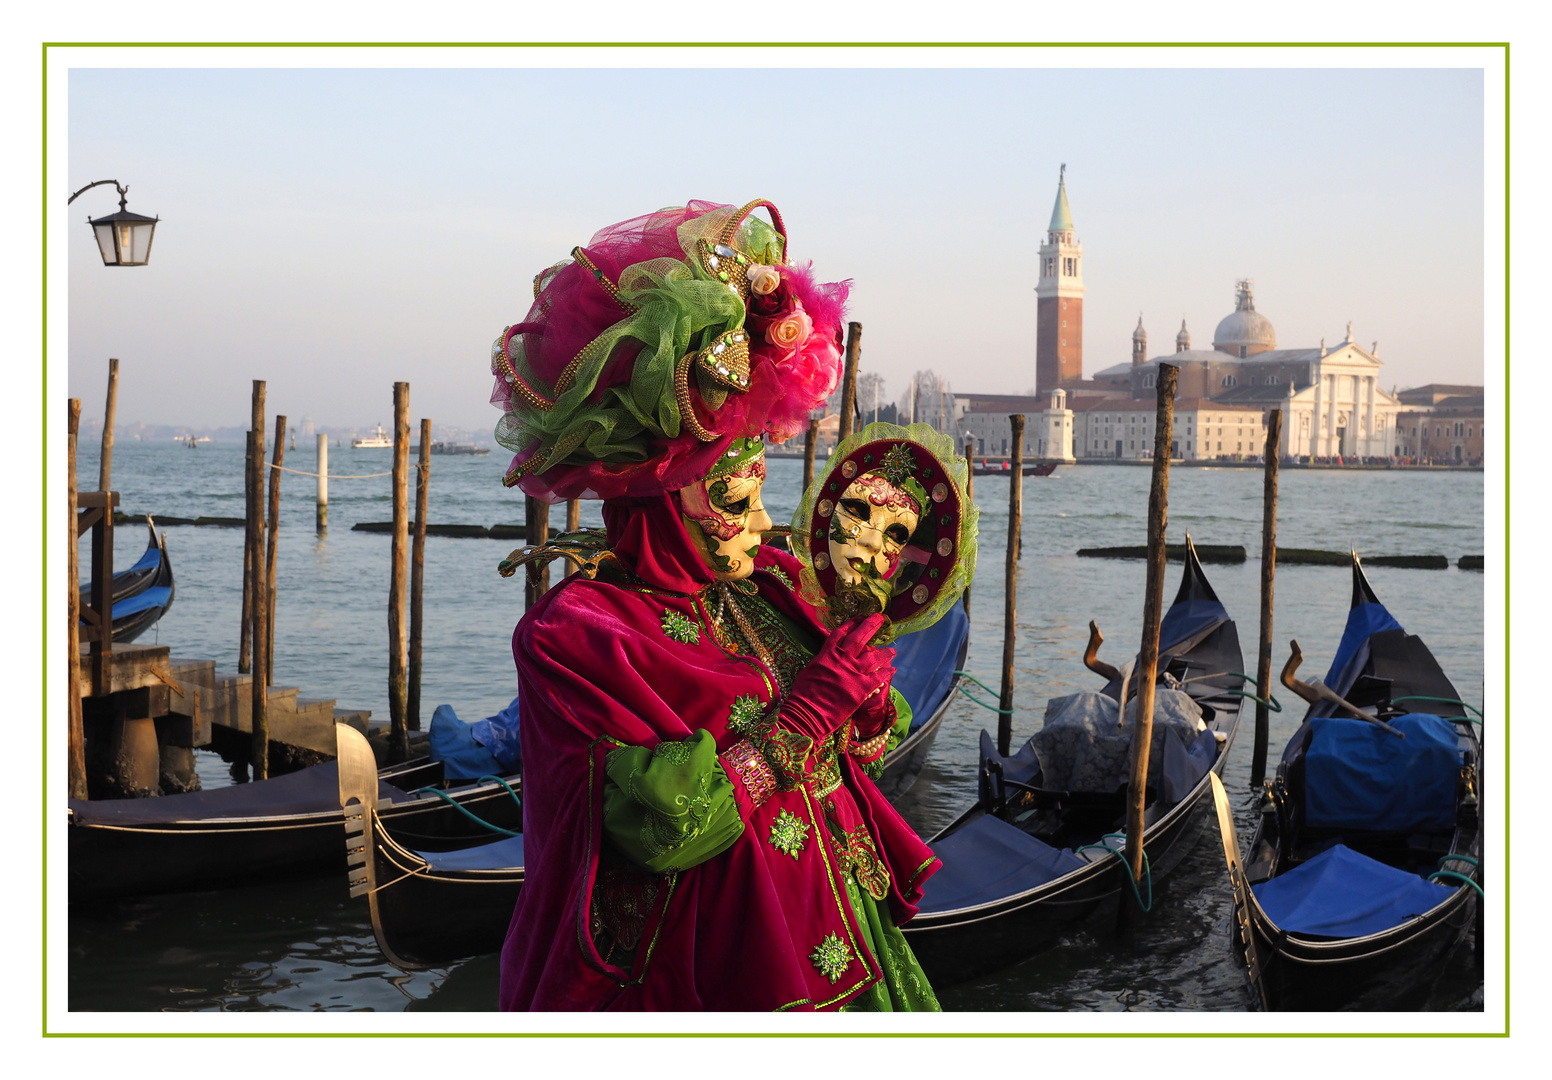 Karneval in Venedig Maske